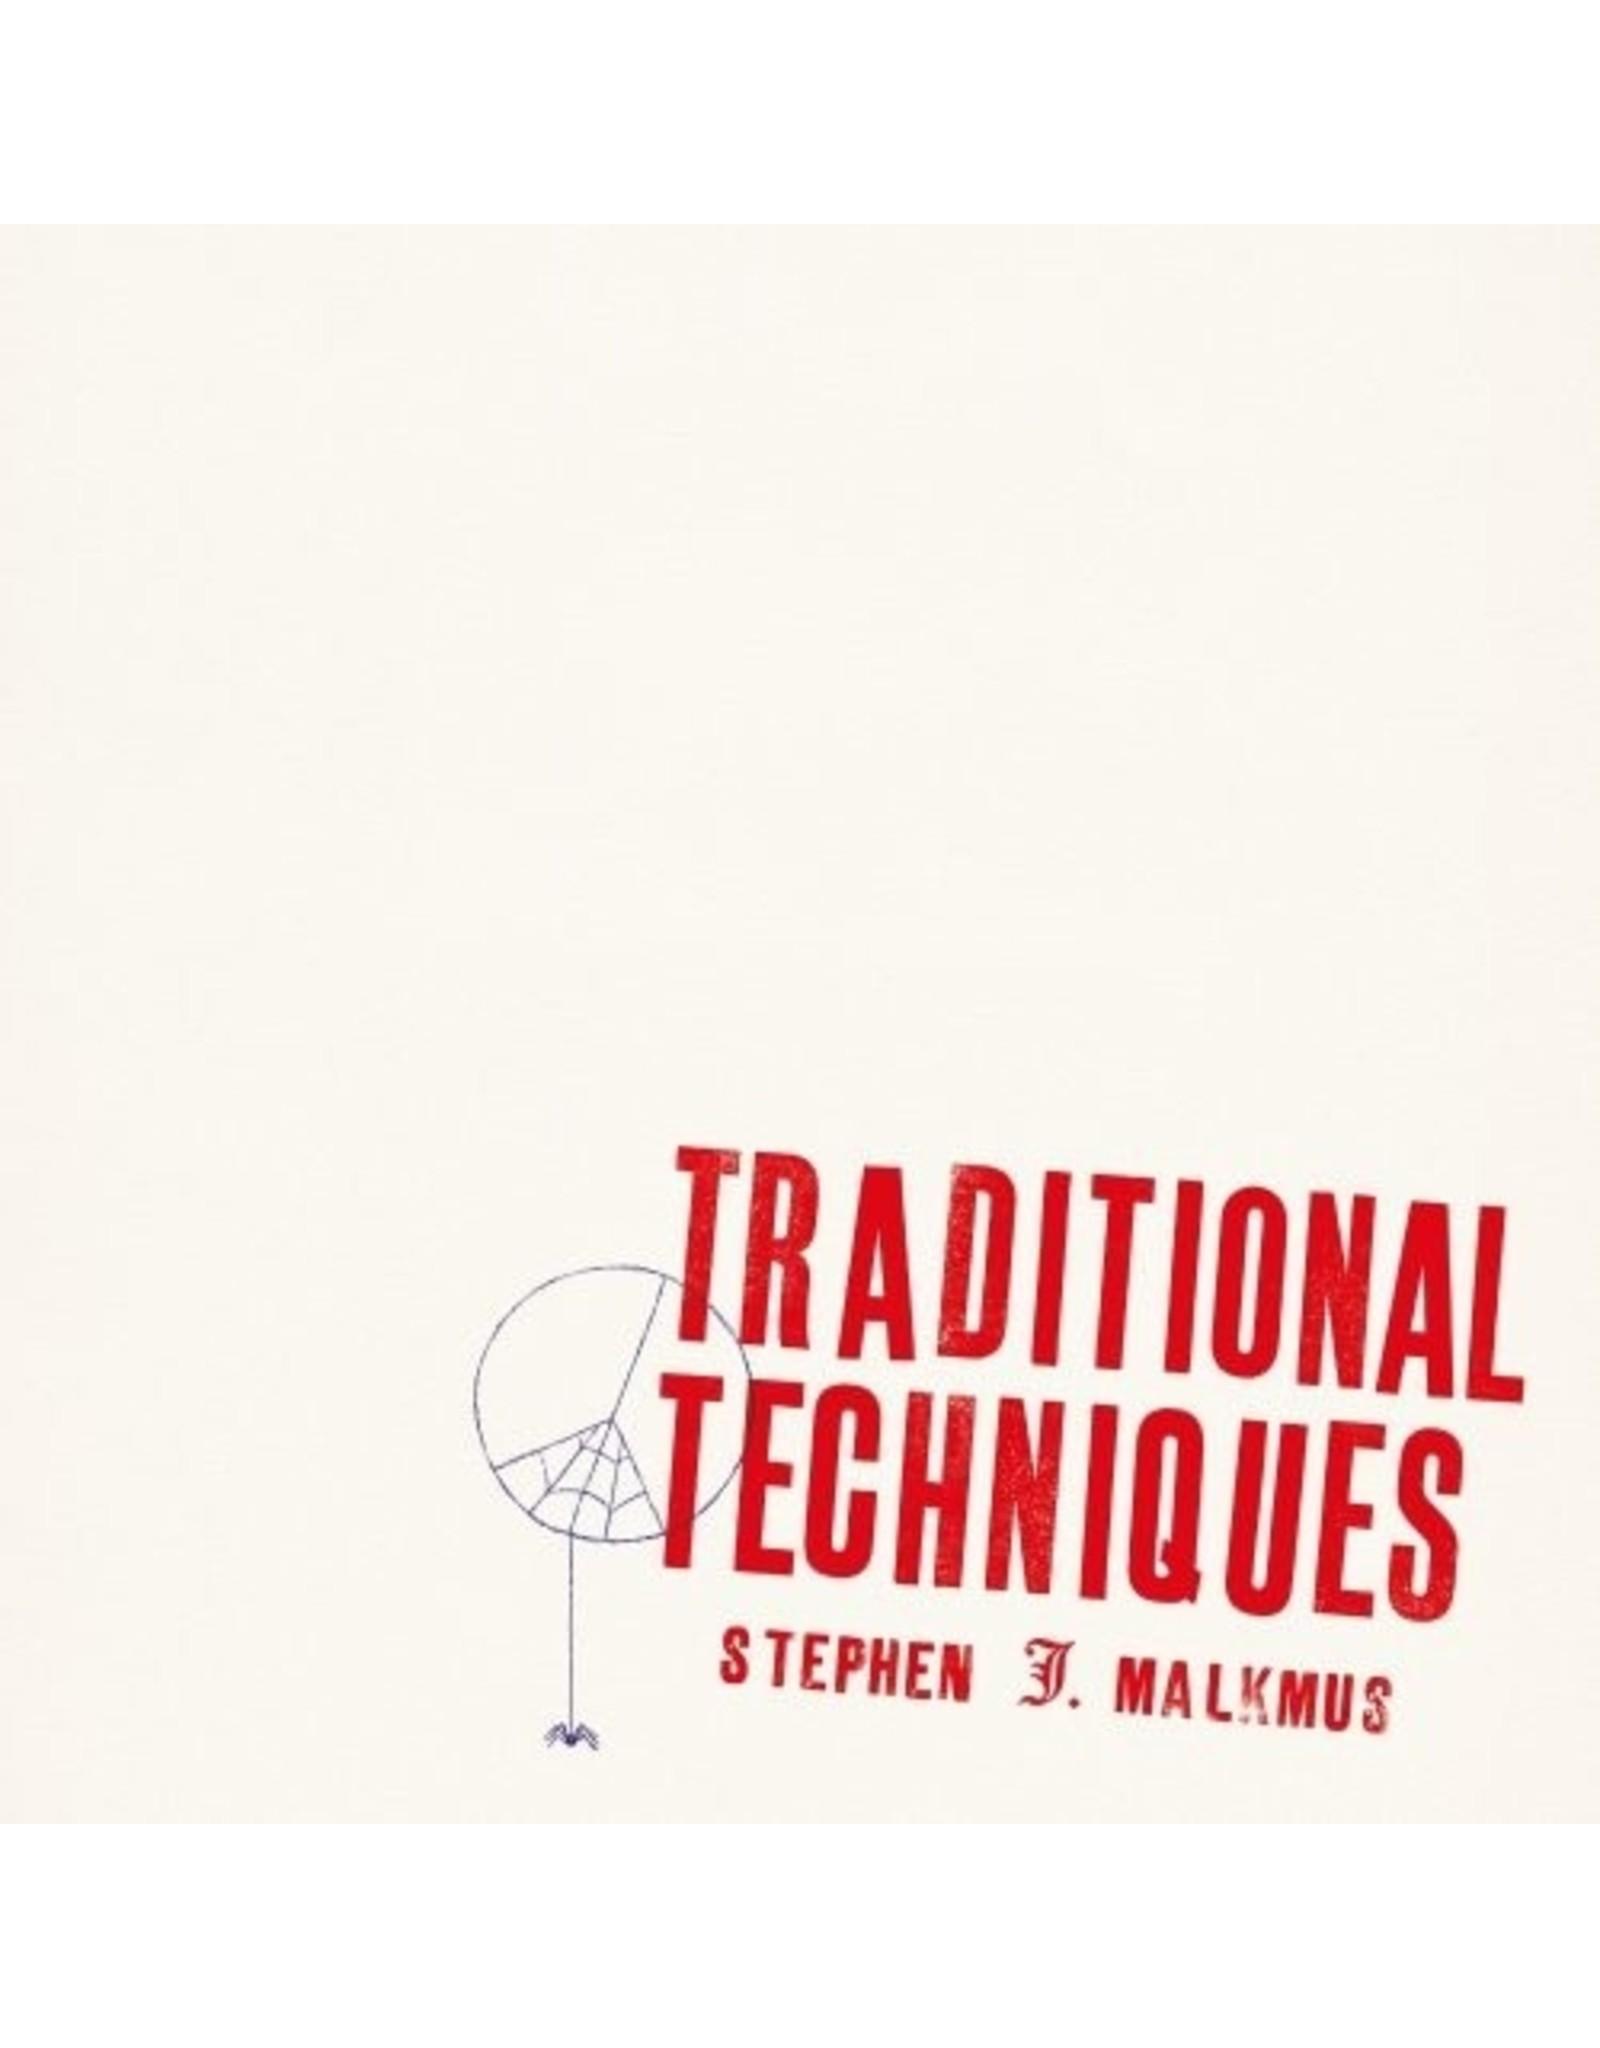 Stephen Malkmus - Traditional Techniques LP